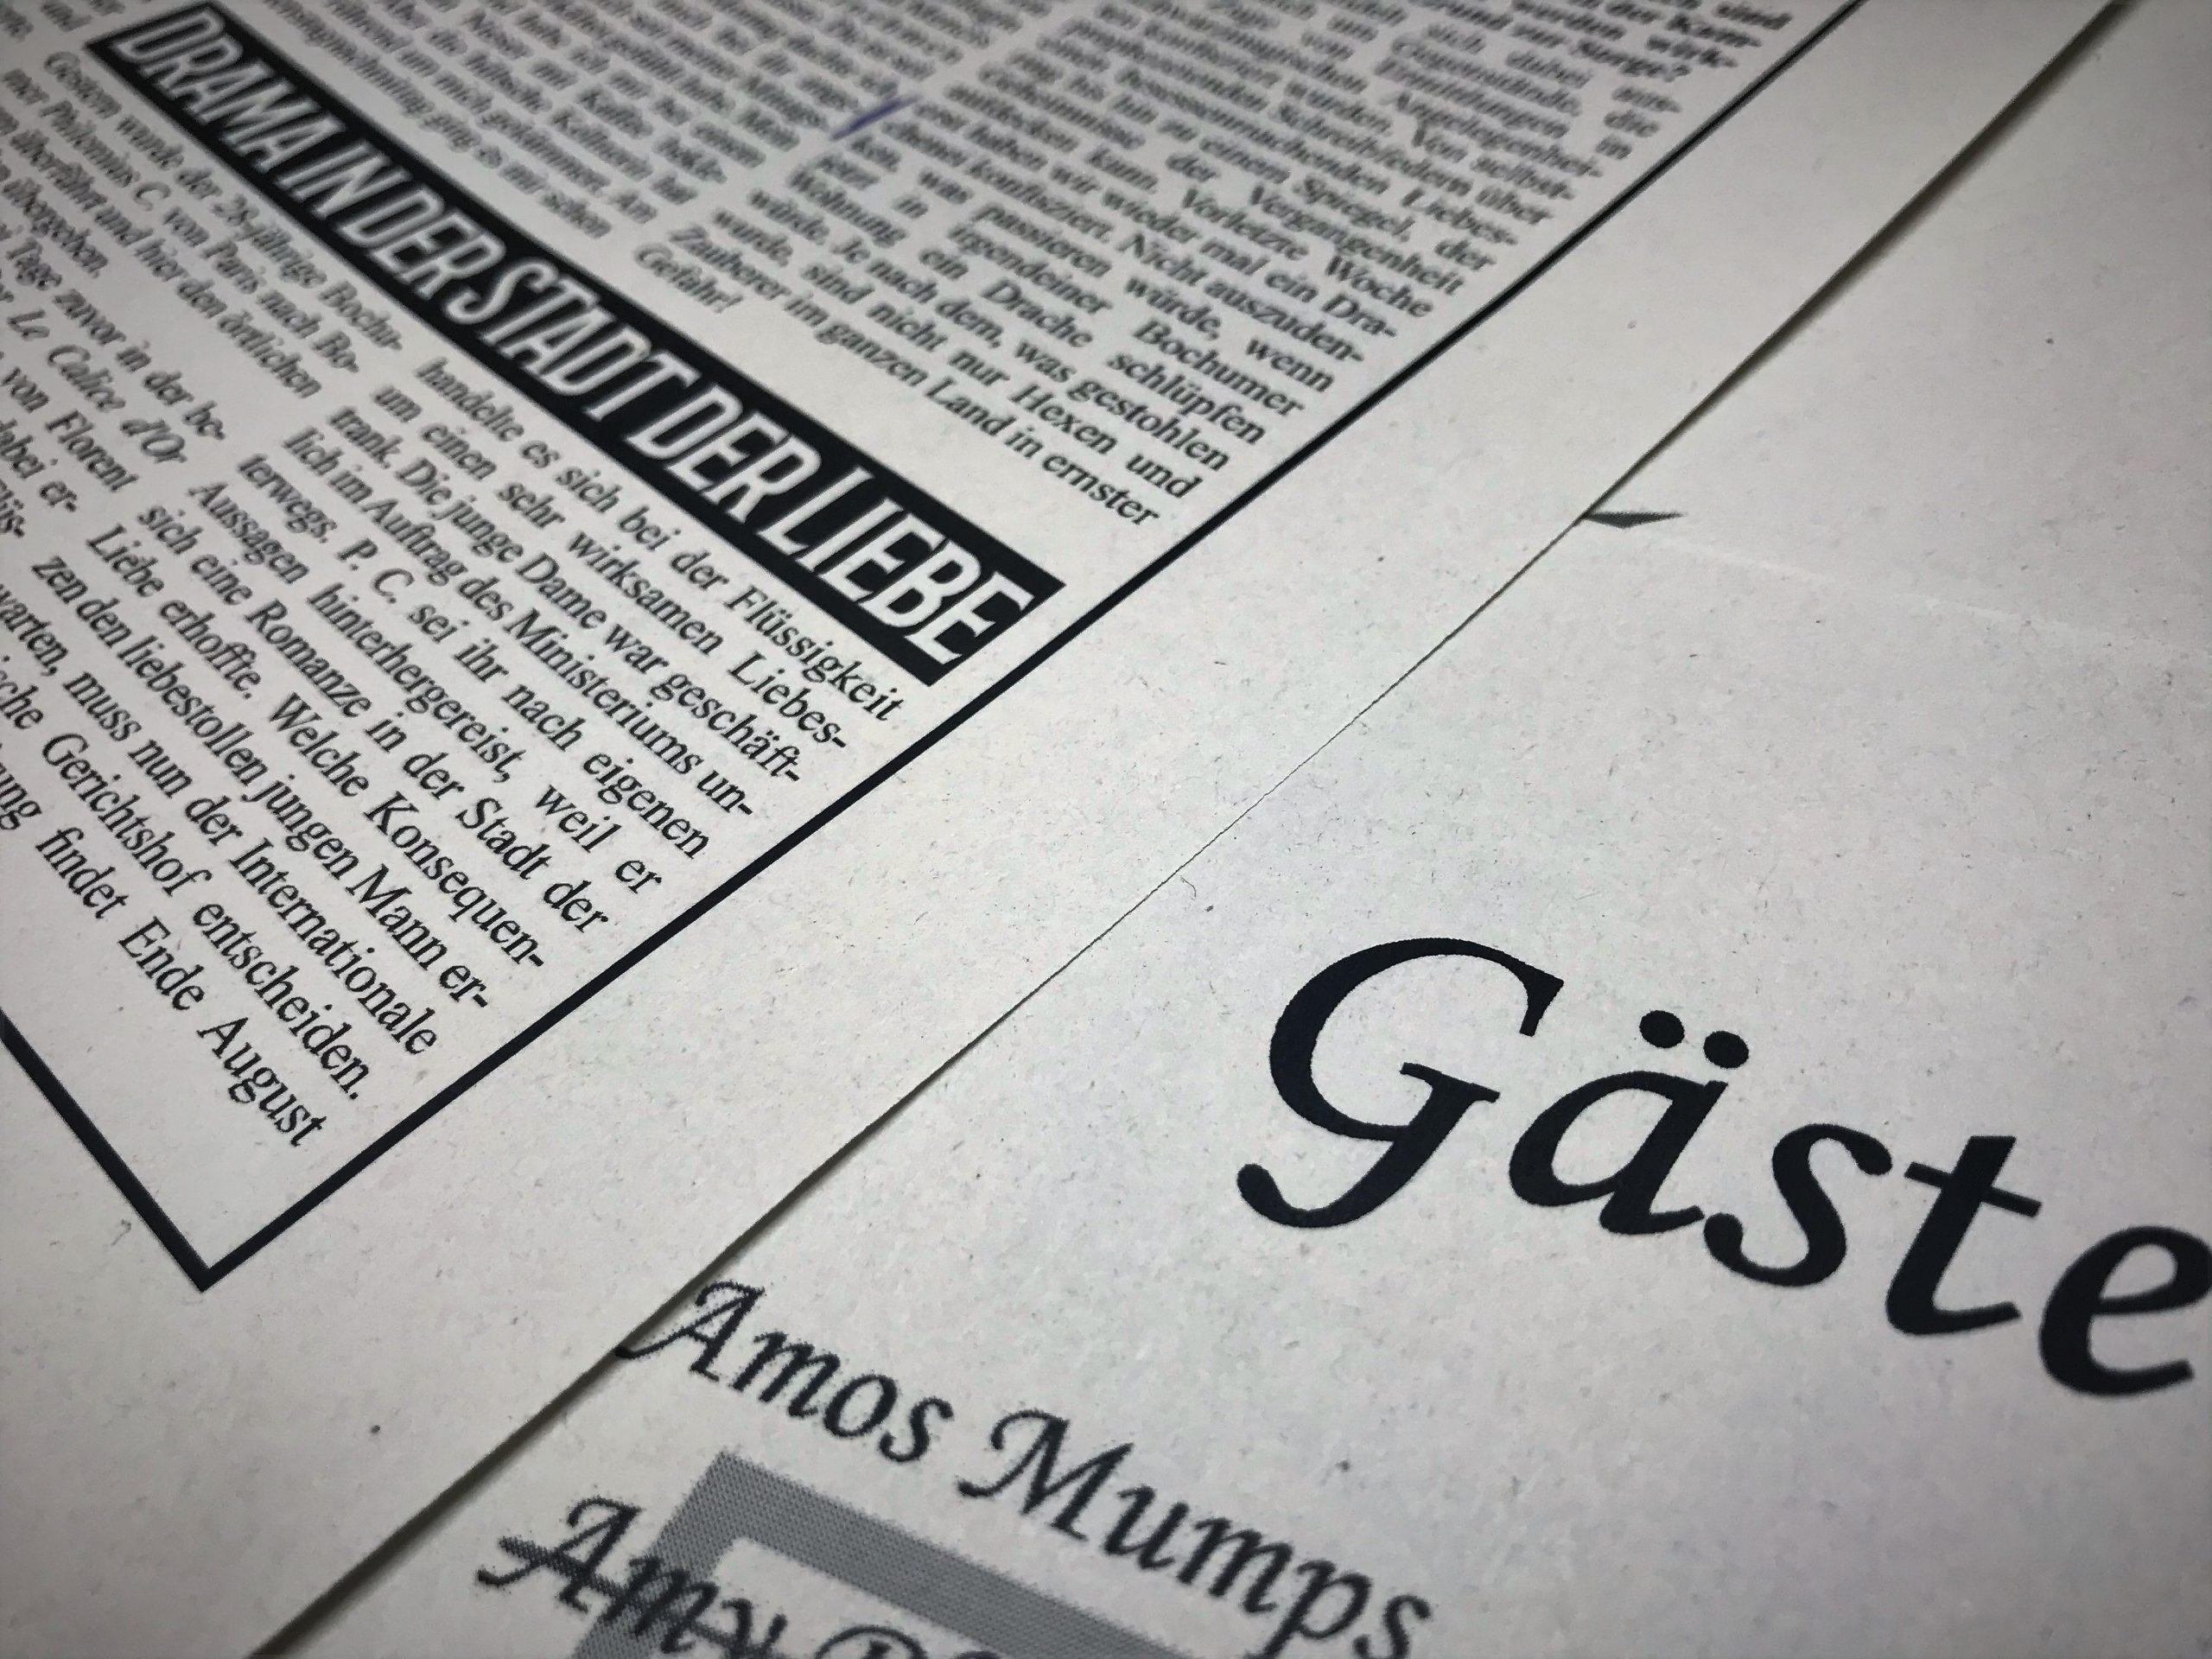 Zeitungsartikel und Gästeliste sind ebenfalls Teil des umfangreichen Materialpakets.